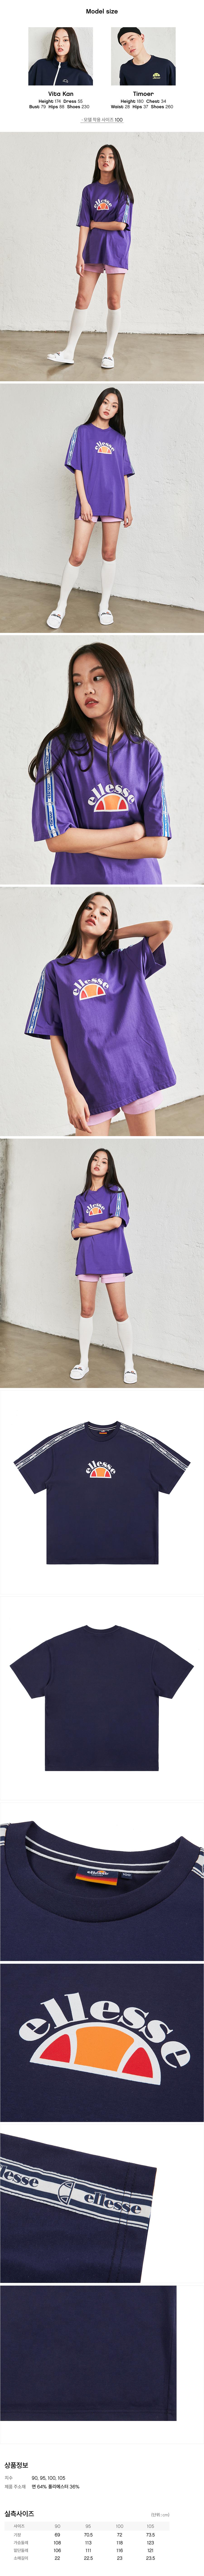 엘레쎄(ELLESSE) 컬러 빅 로고 티셔츠(네이비)EJ2UHTR349